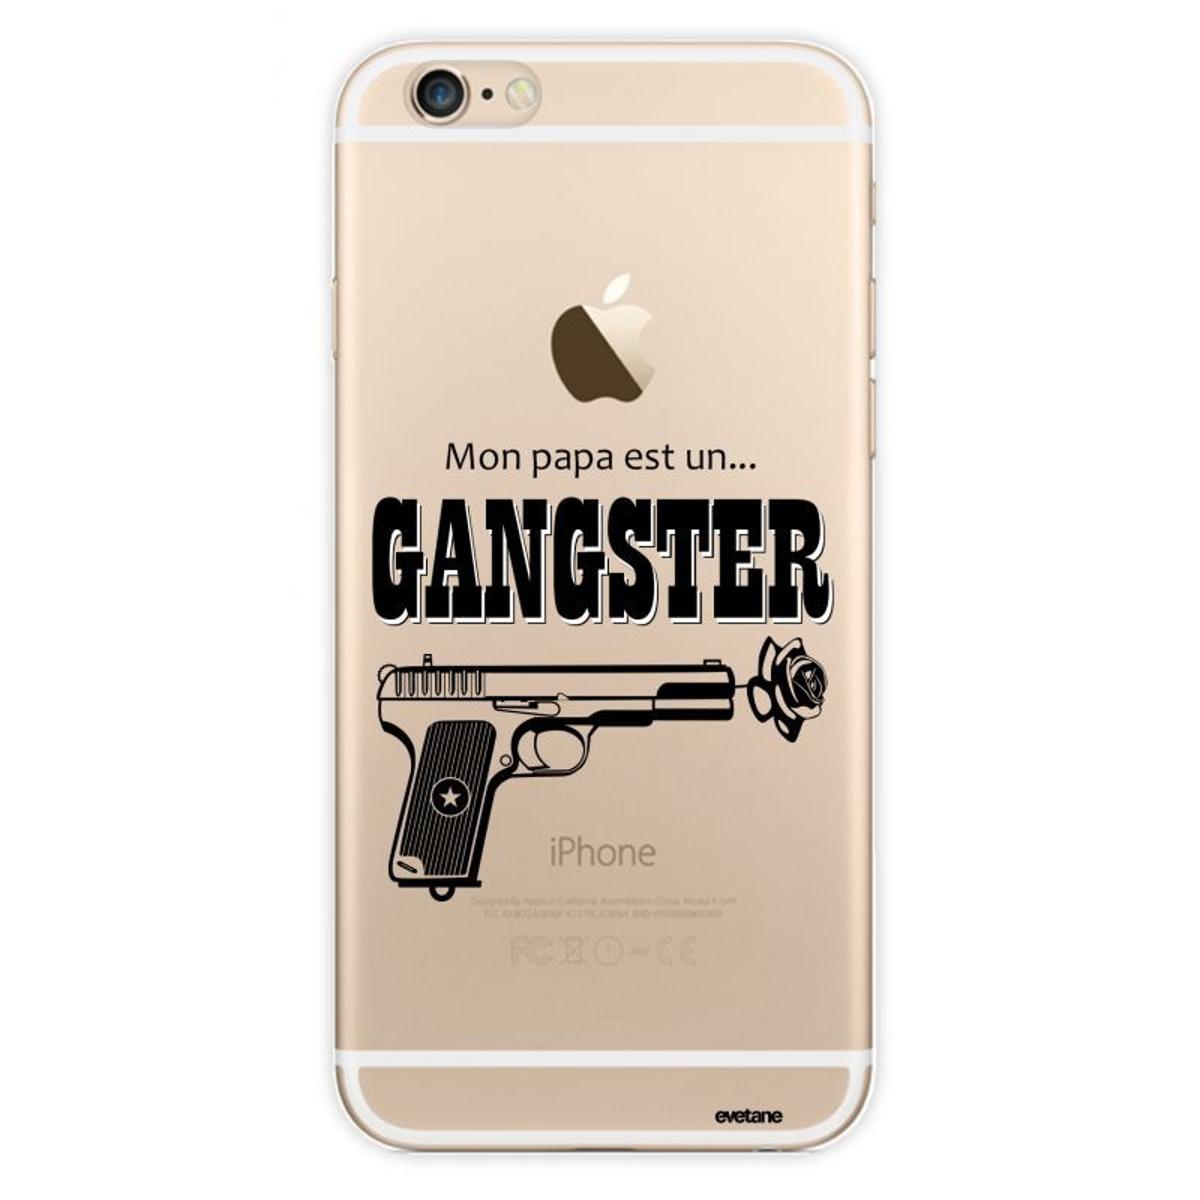 Coque iPhone 6 Plus / 6S Plus rigide transparente, Mon Papa est un Gang, Evetane®